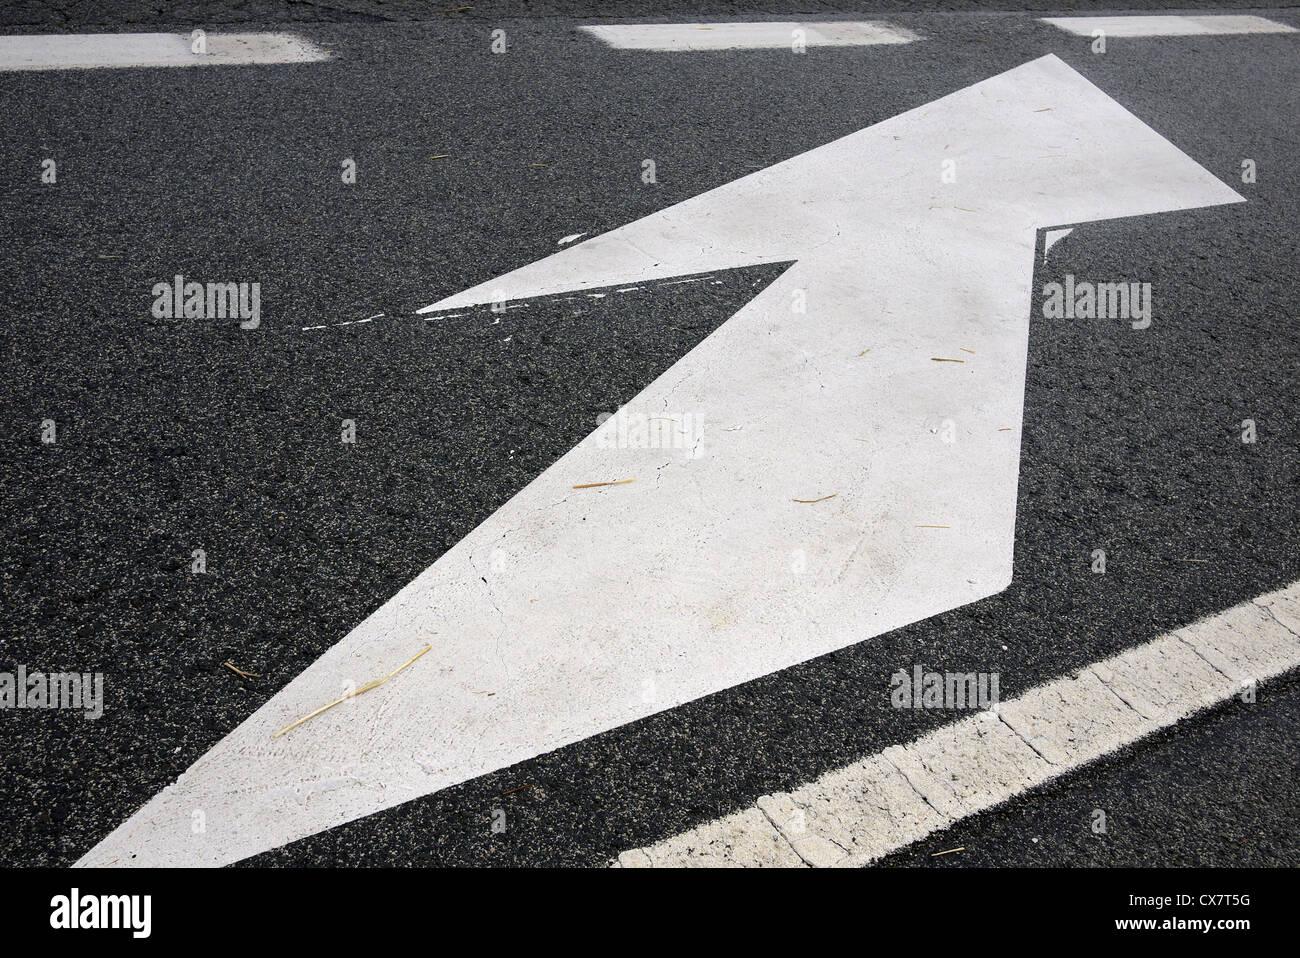 Flèche blanche peinte sur une route. Photo Stock